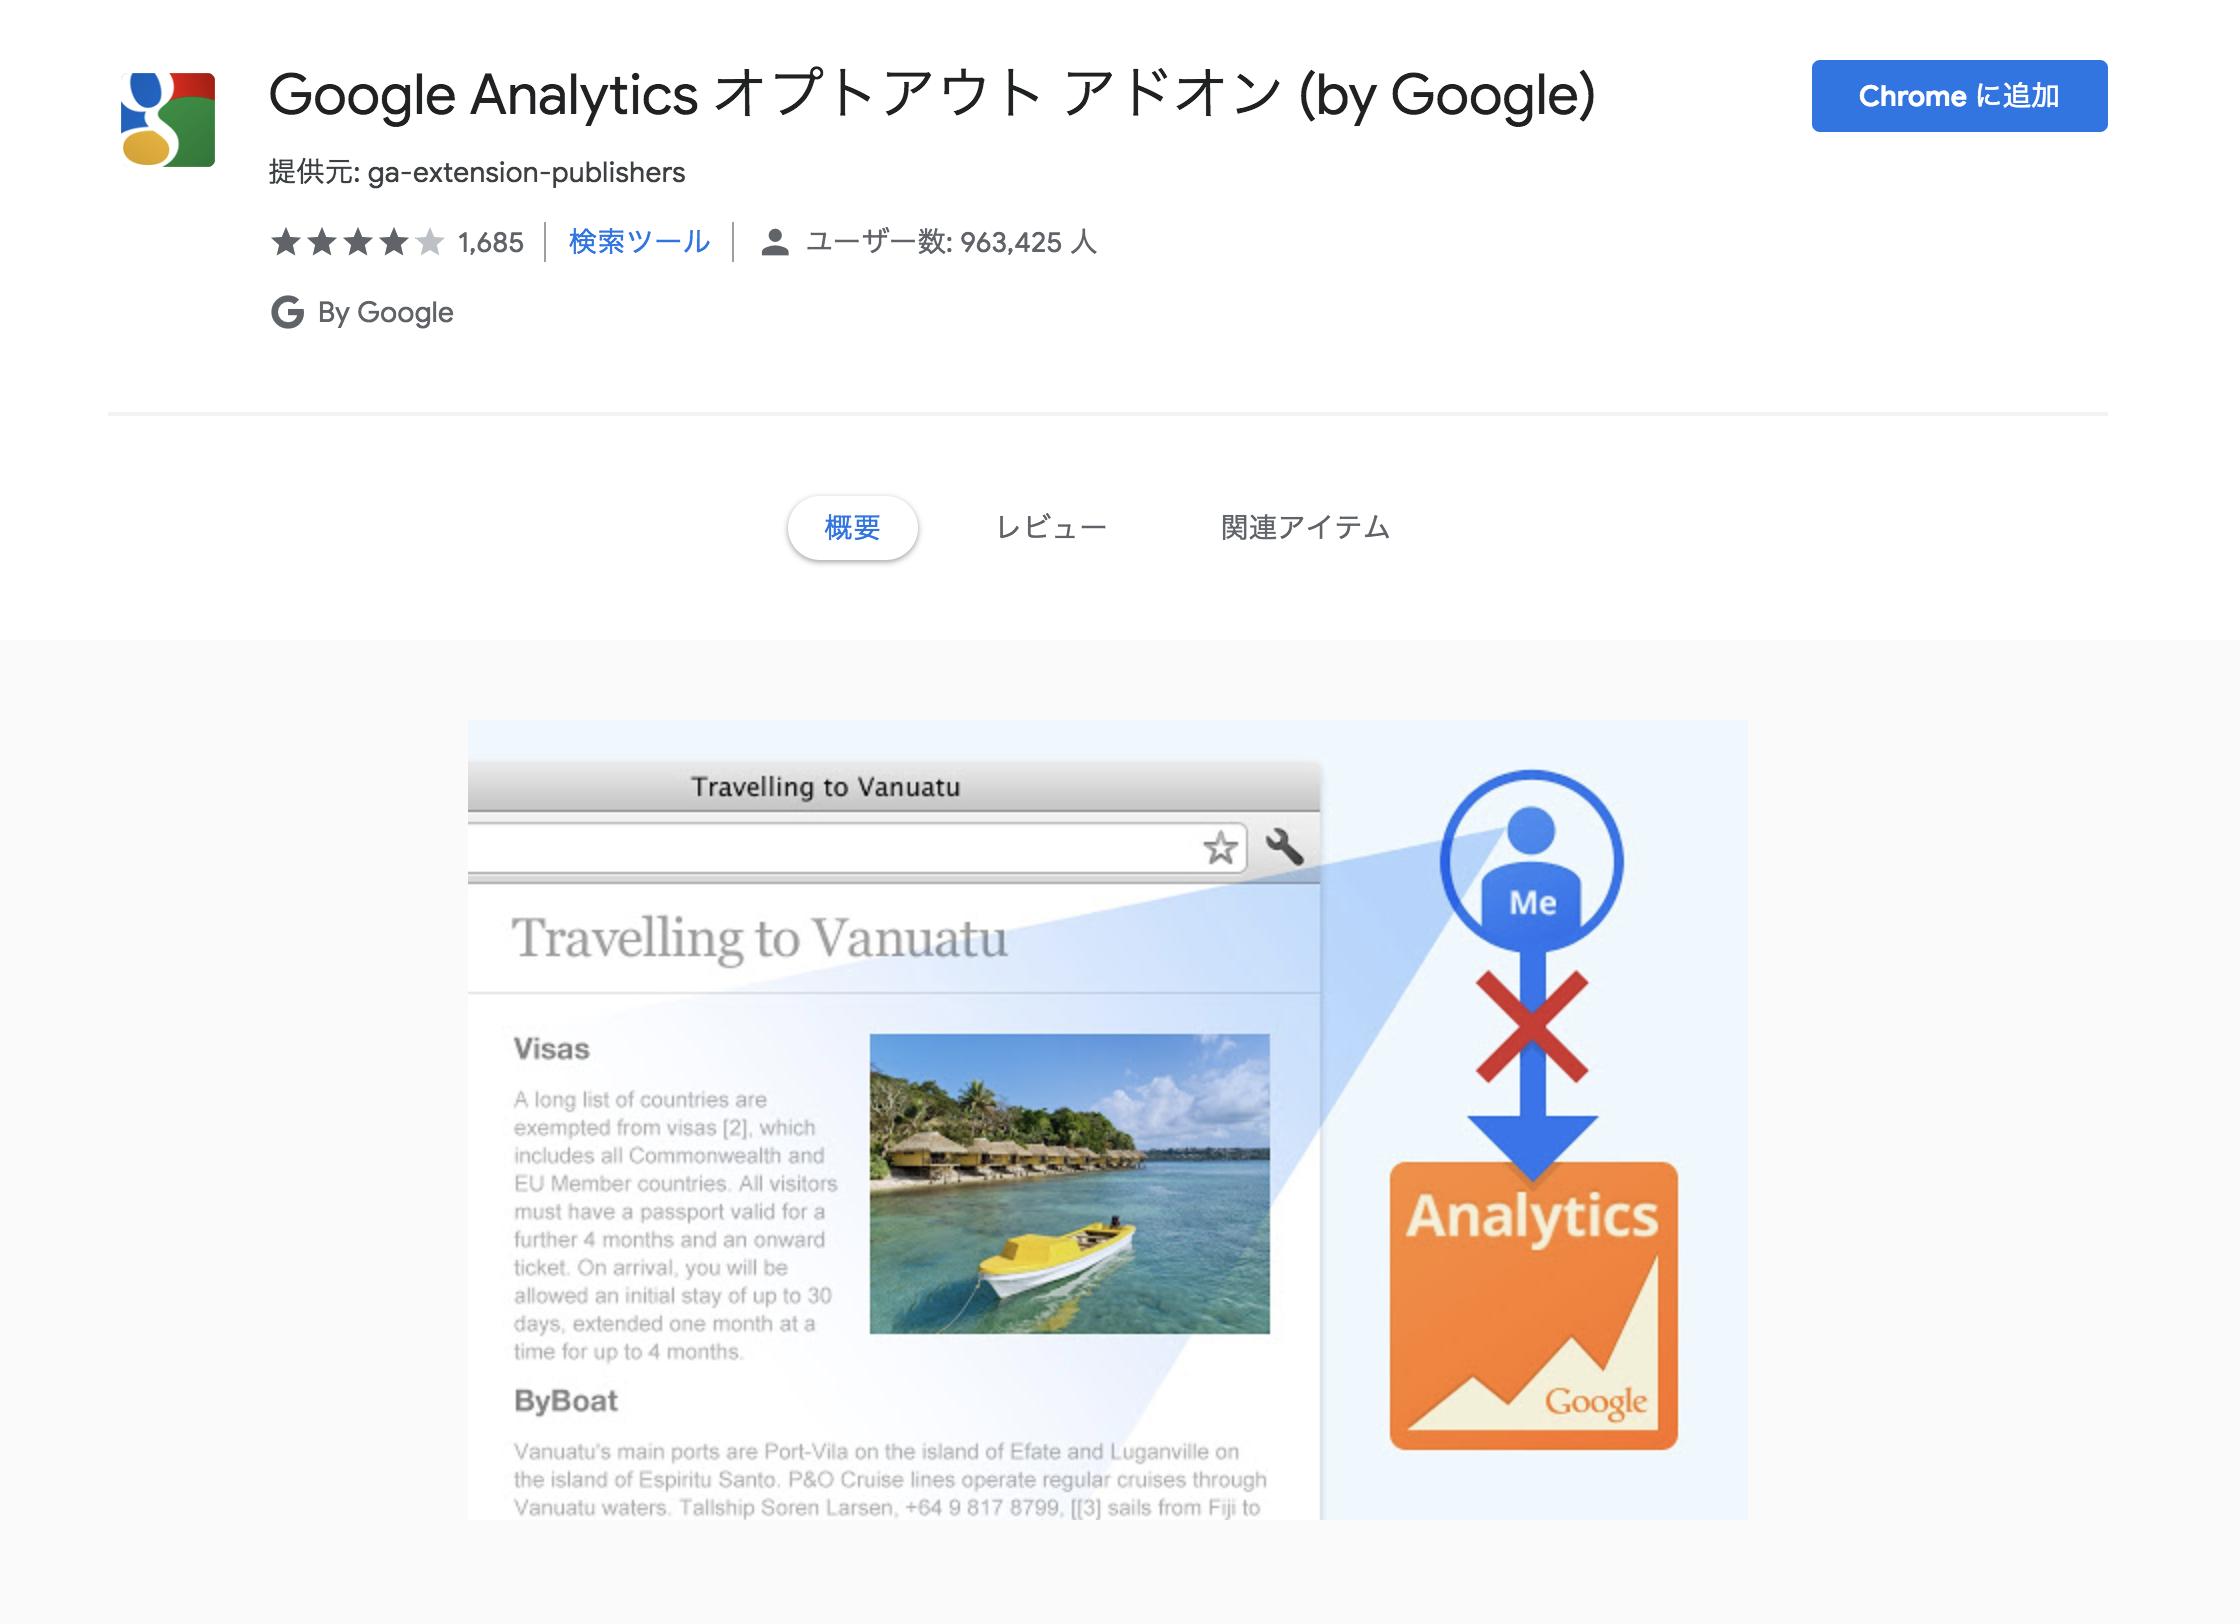 GoogleChrome(グーグルクローム) 拡張機能 Google Analytics オプトアウト アドオン